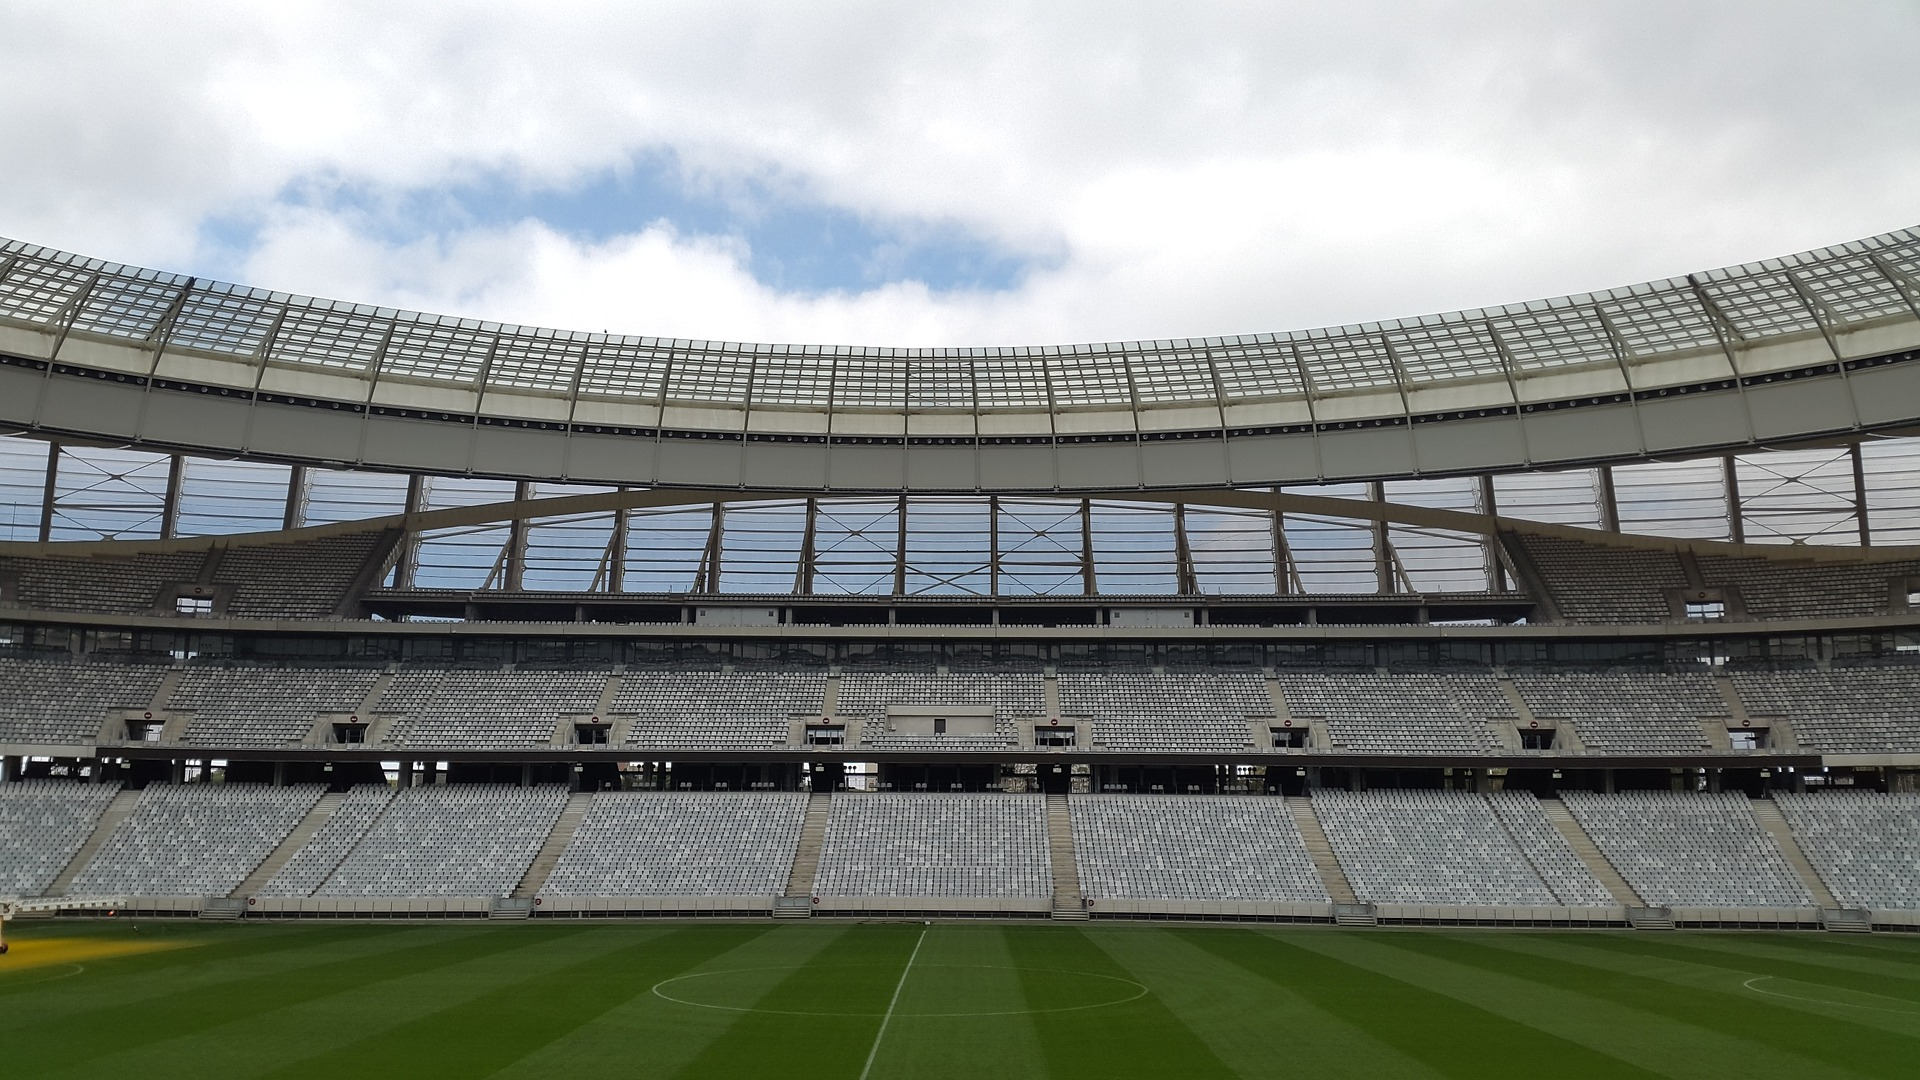 stadium-1082235_1920